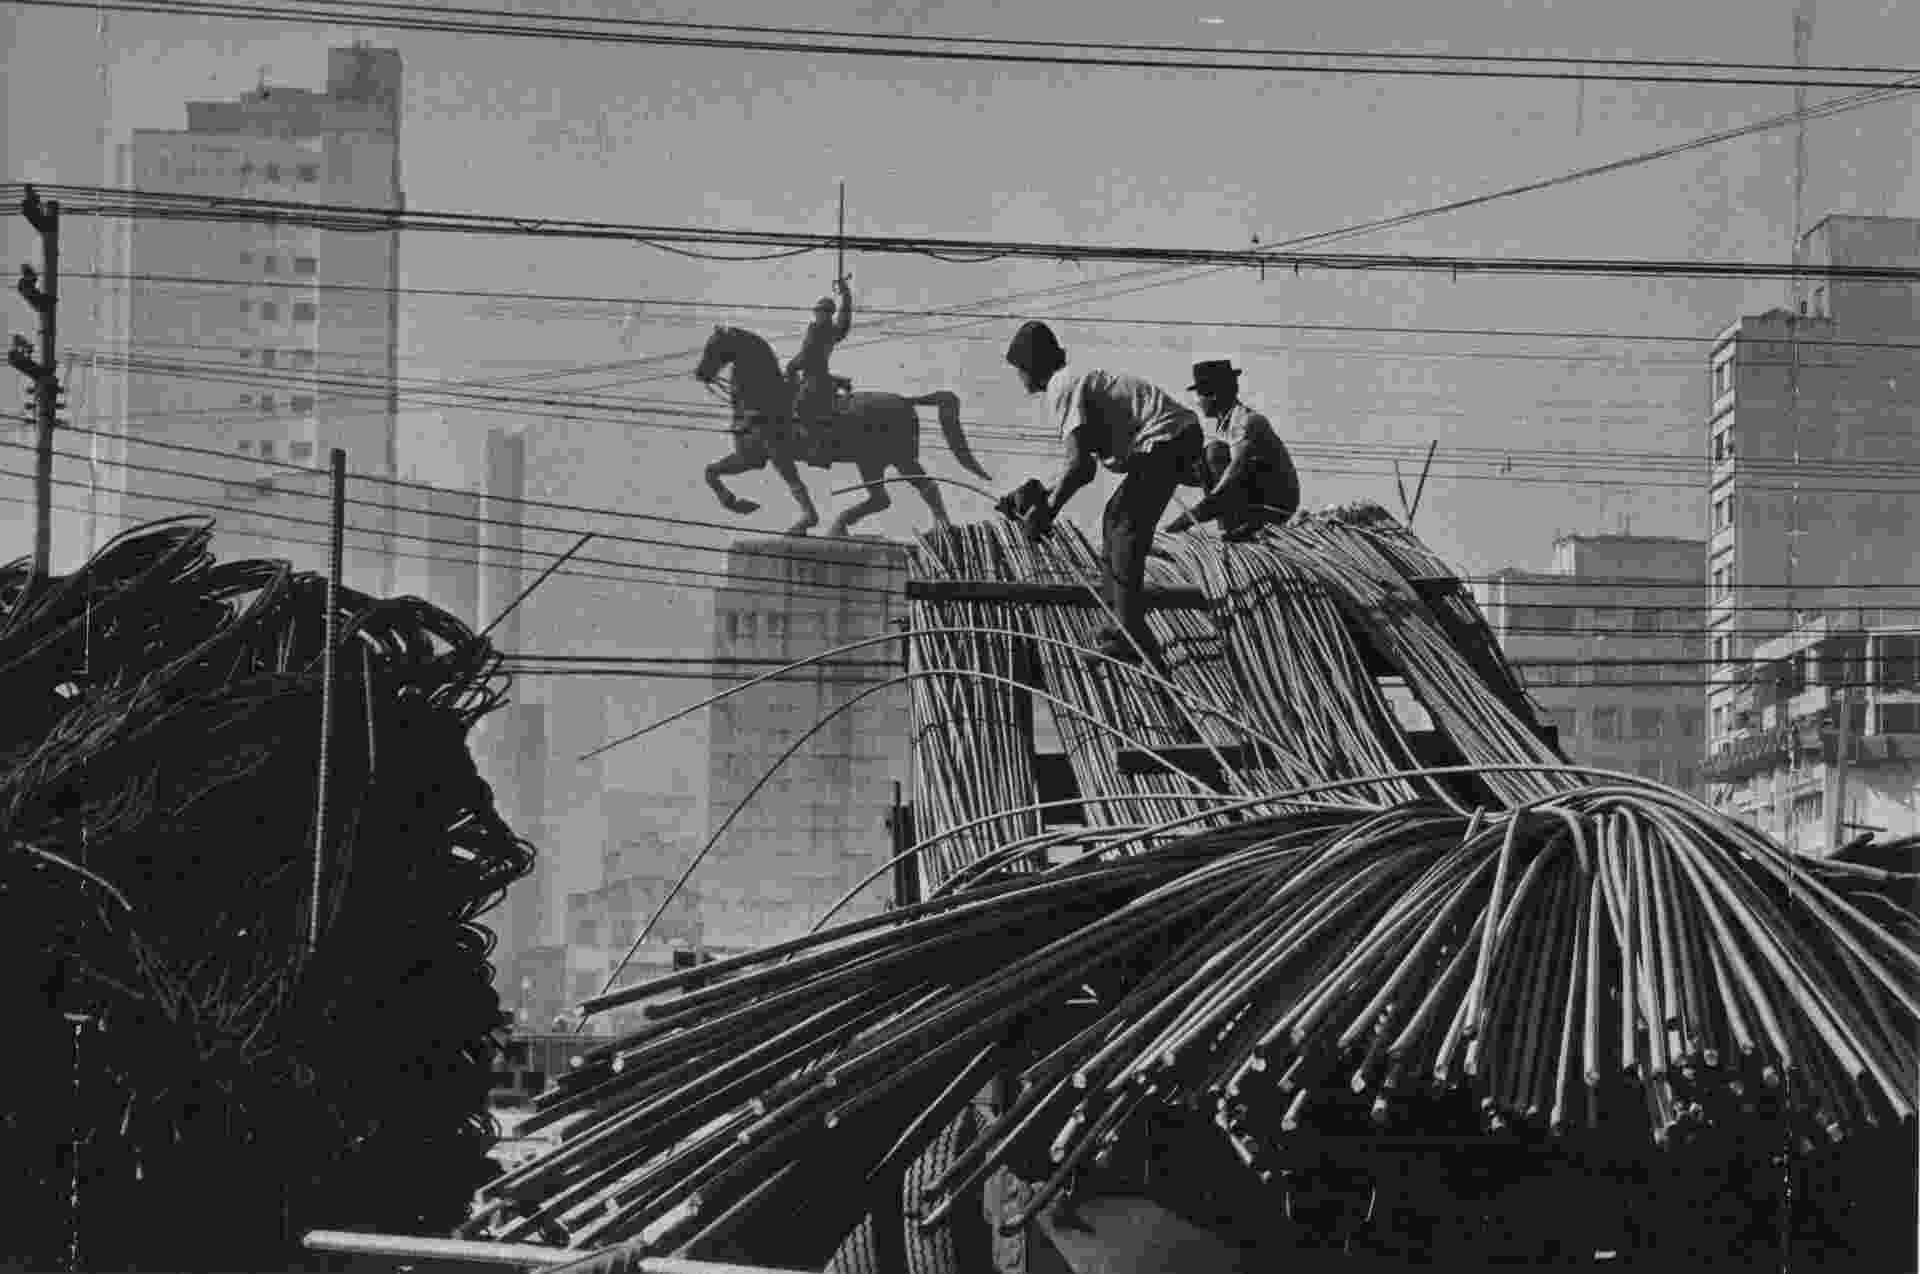 SÃO PAULO, SP, BRASIL, 28-05-1970: Ferragens usadas nas obras para construção do Minhocão, o Elevado Presidente Costa e Silva, em São Paulo (SP). A via, construída na administração do prefeito Paulo Maluf, liga o centro da cidade ao bairro de Perdizes. Ao fundo, monumento ao Duque de Caxias, na praça Princesa Isabel (Foto: Acervo UH/Folhapress) - Acervo UH/Folhapress